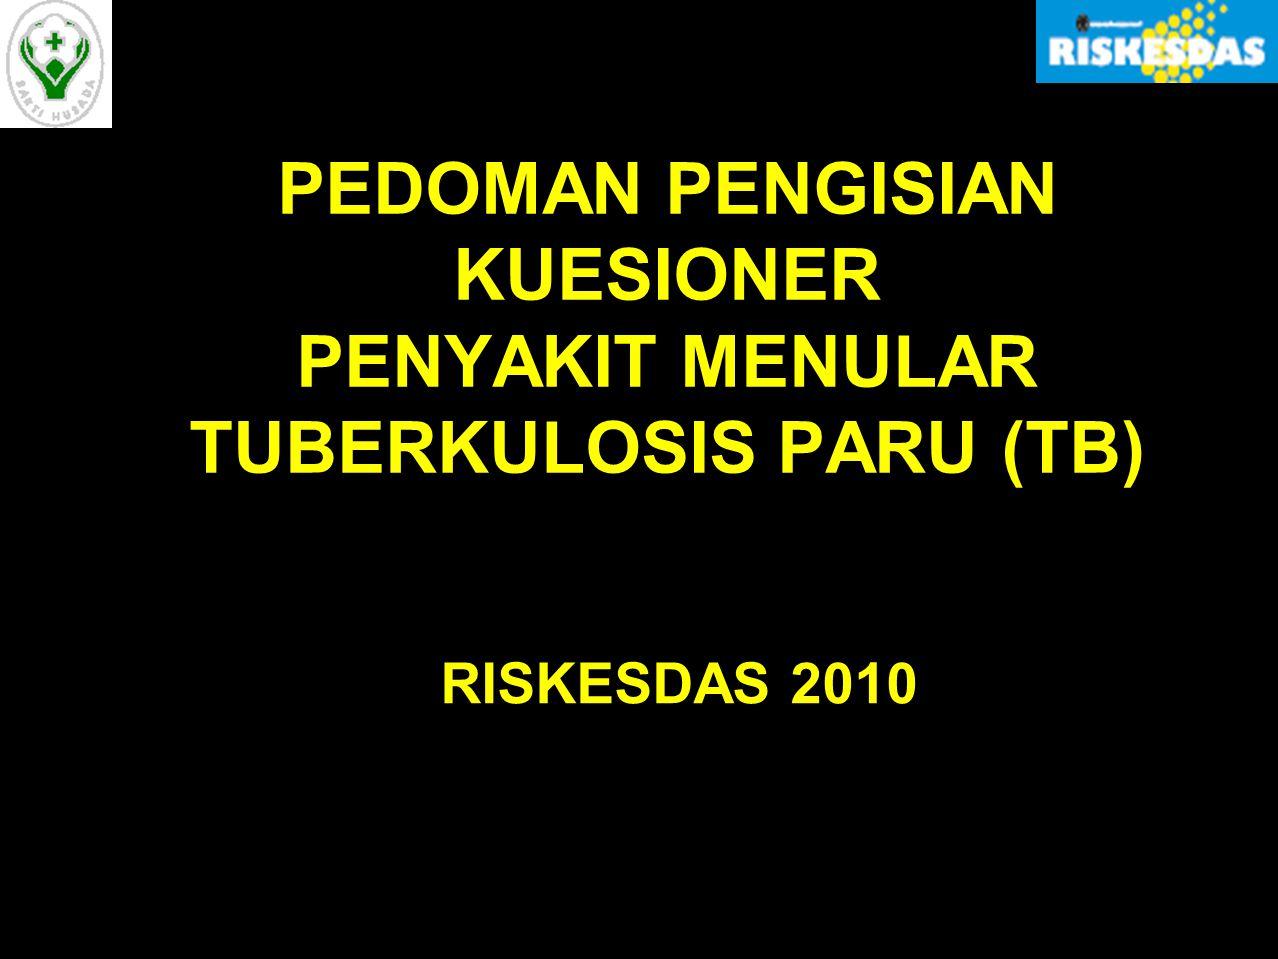 PEDOMAN PENGISIAN KUESIONER PENYAKIT MENULAR TUBERKULOSIS PARU (TB)